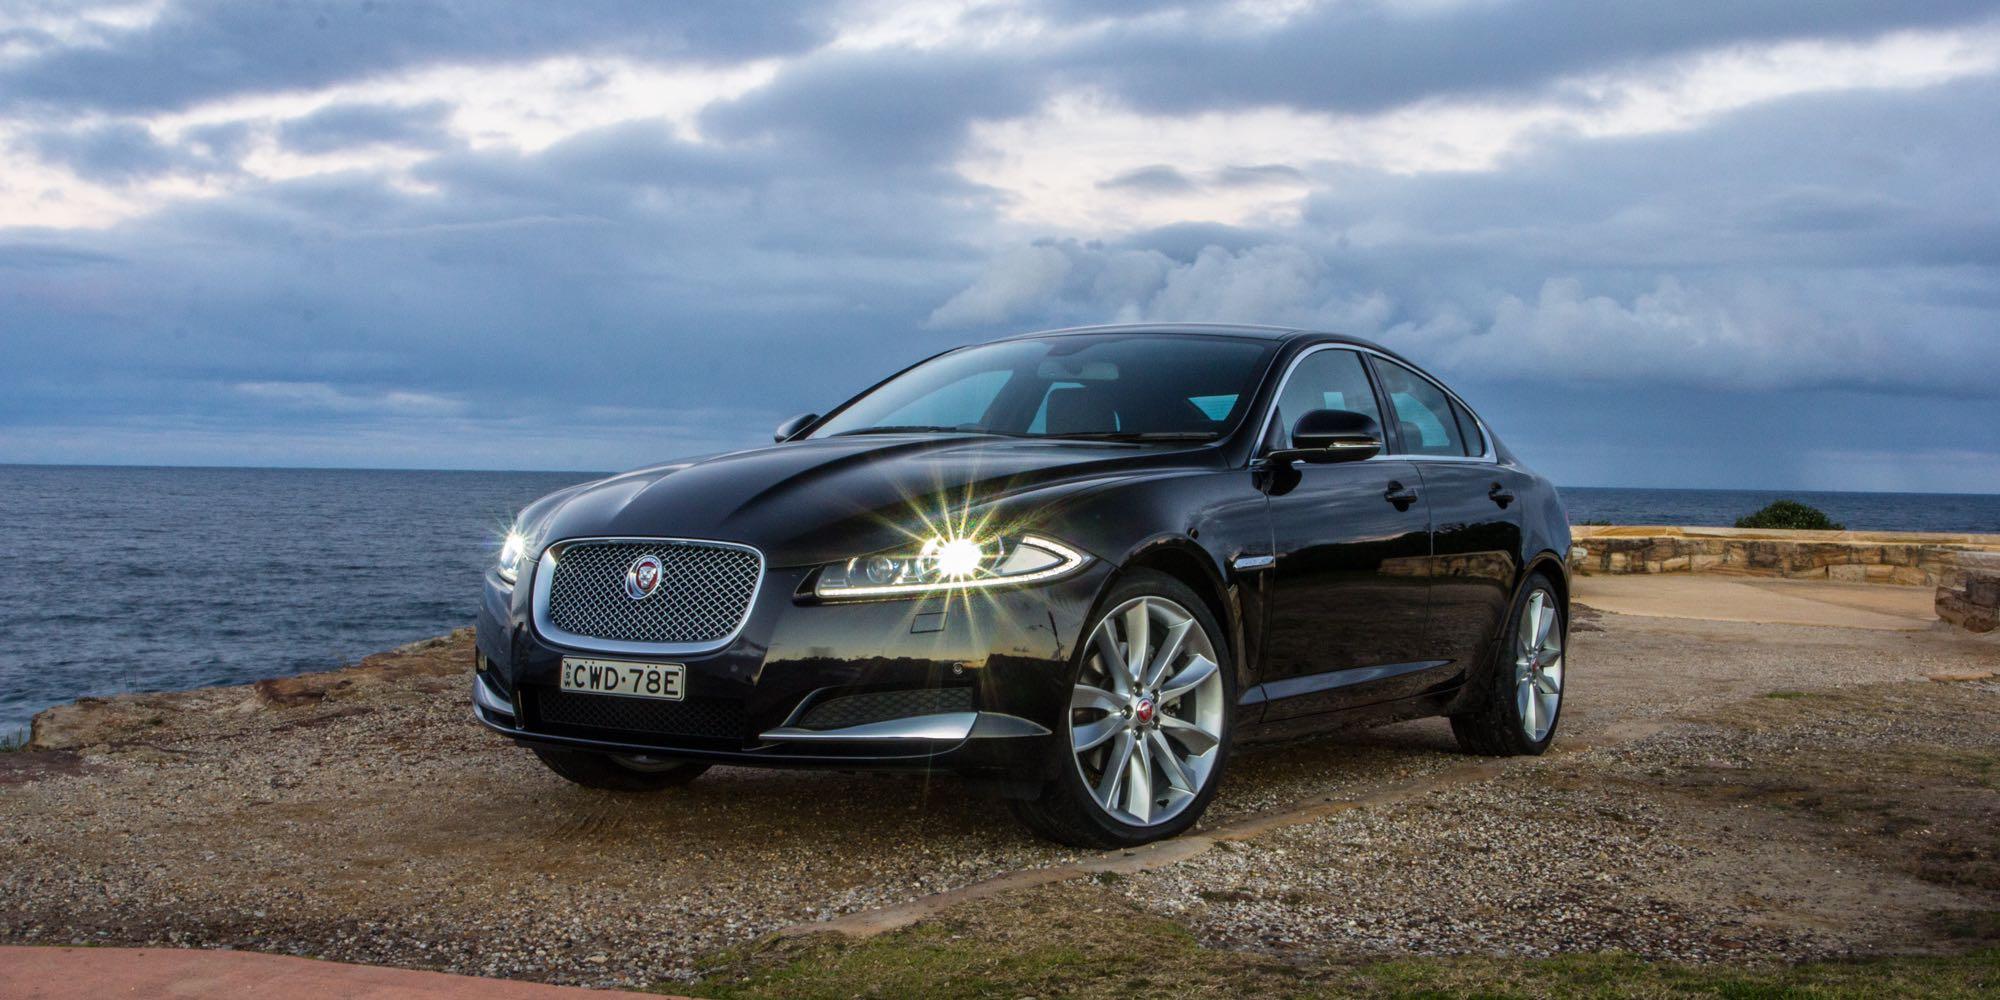 2015 Jaguar Xf Review 2 2d Premium Luxury Photos